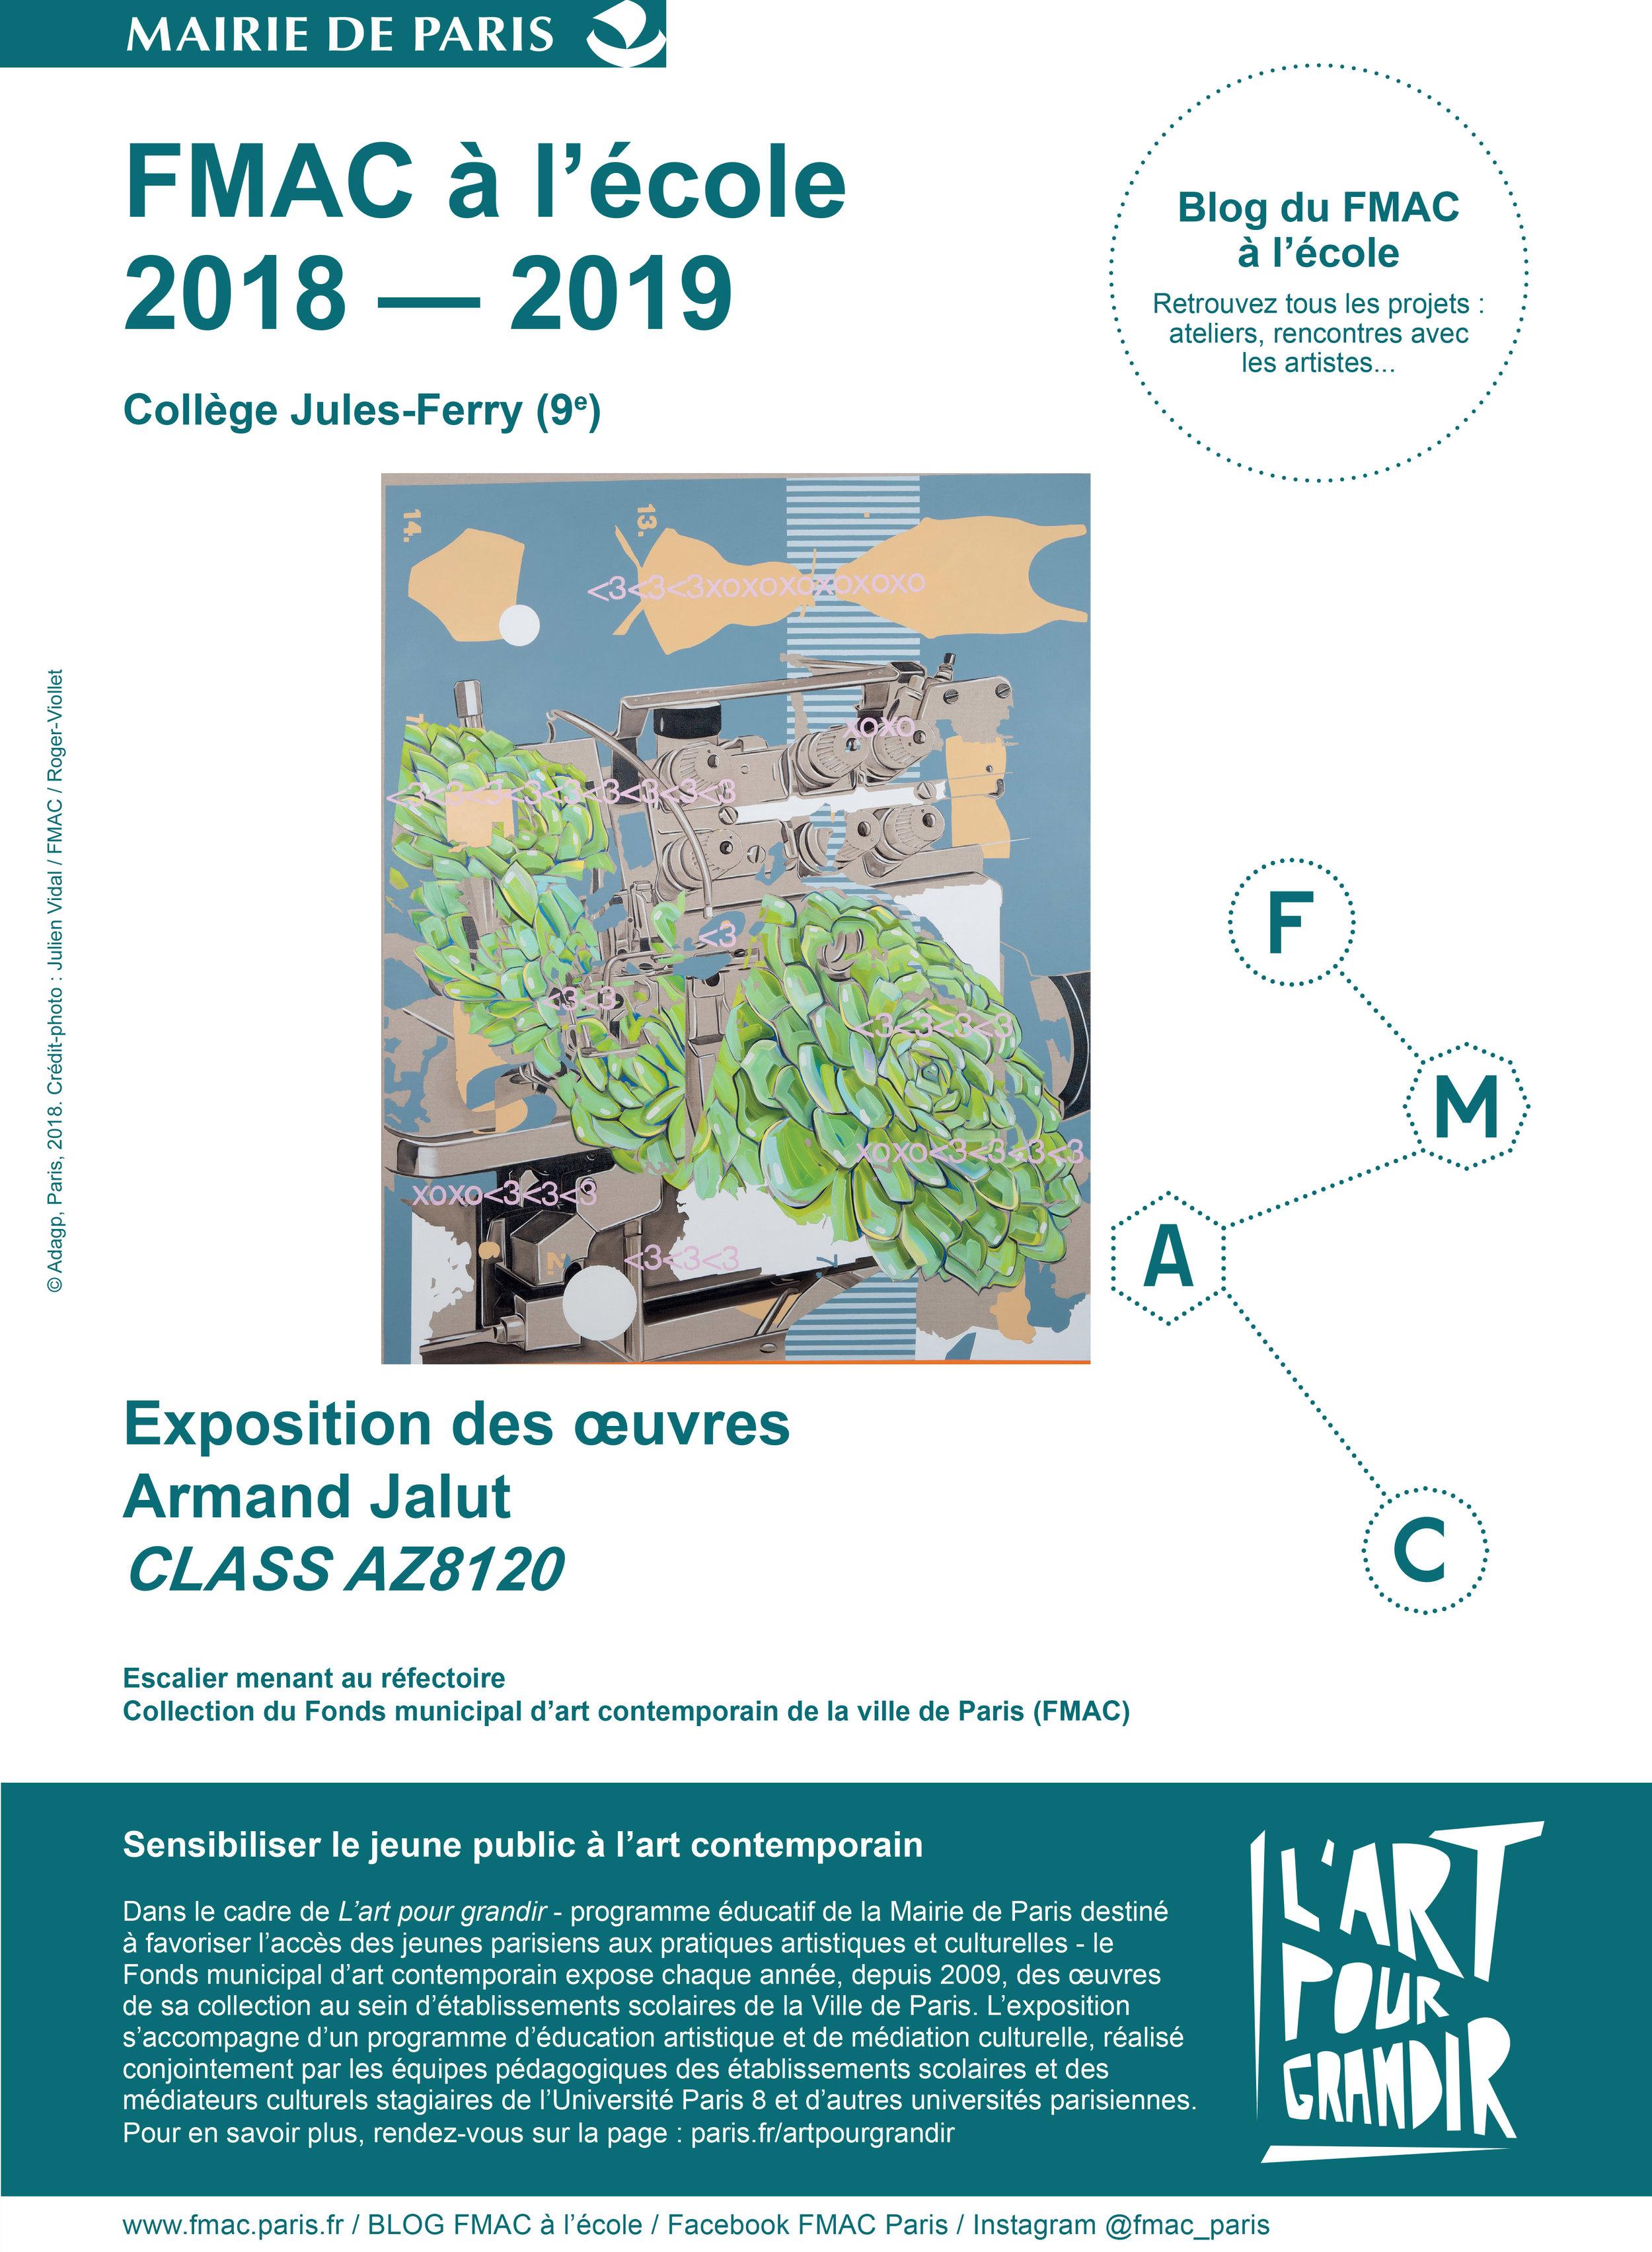 Affichette ter_signaletique_A3_ 1 exemplaire-2.jpg